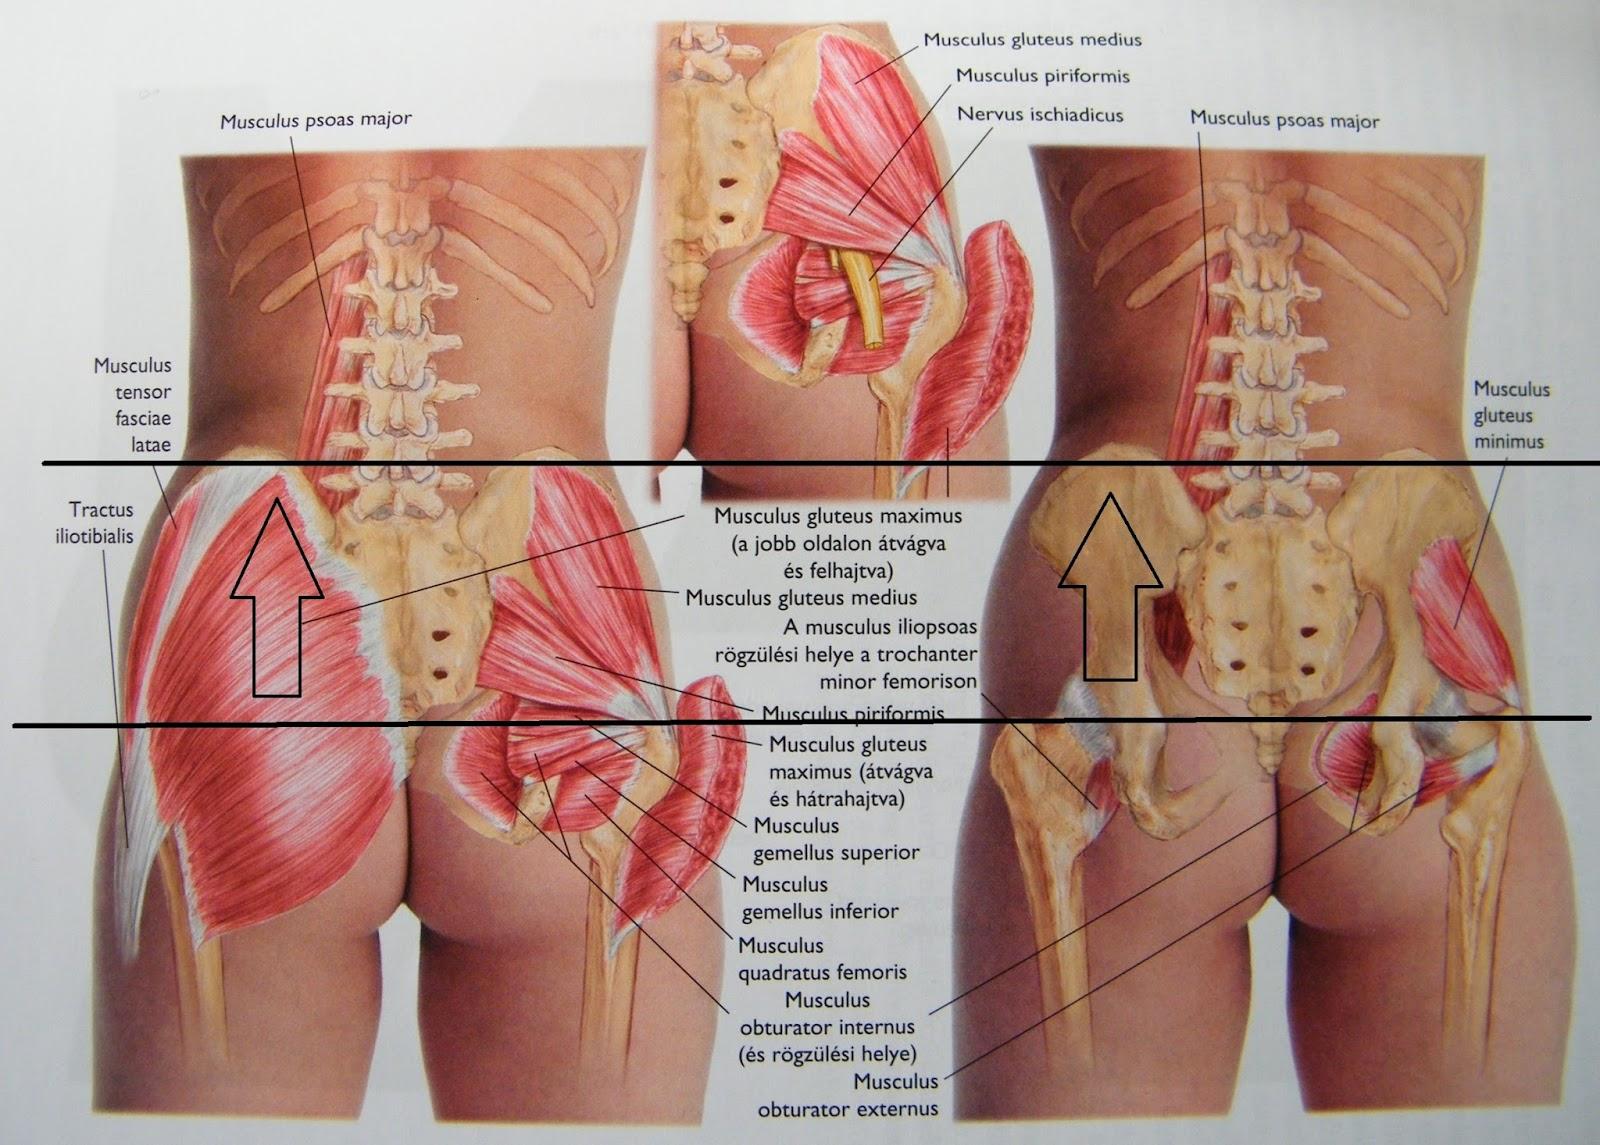 fájdalom a bal csípőben és a hát alsó részén